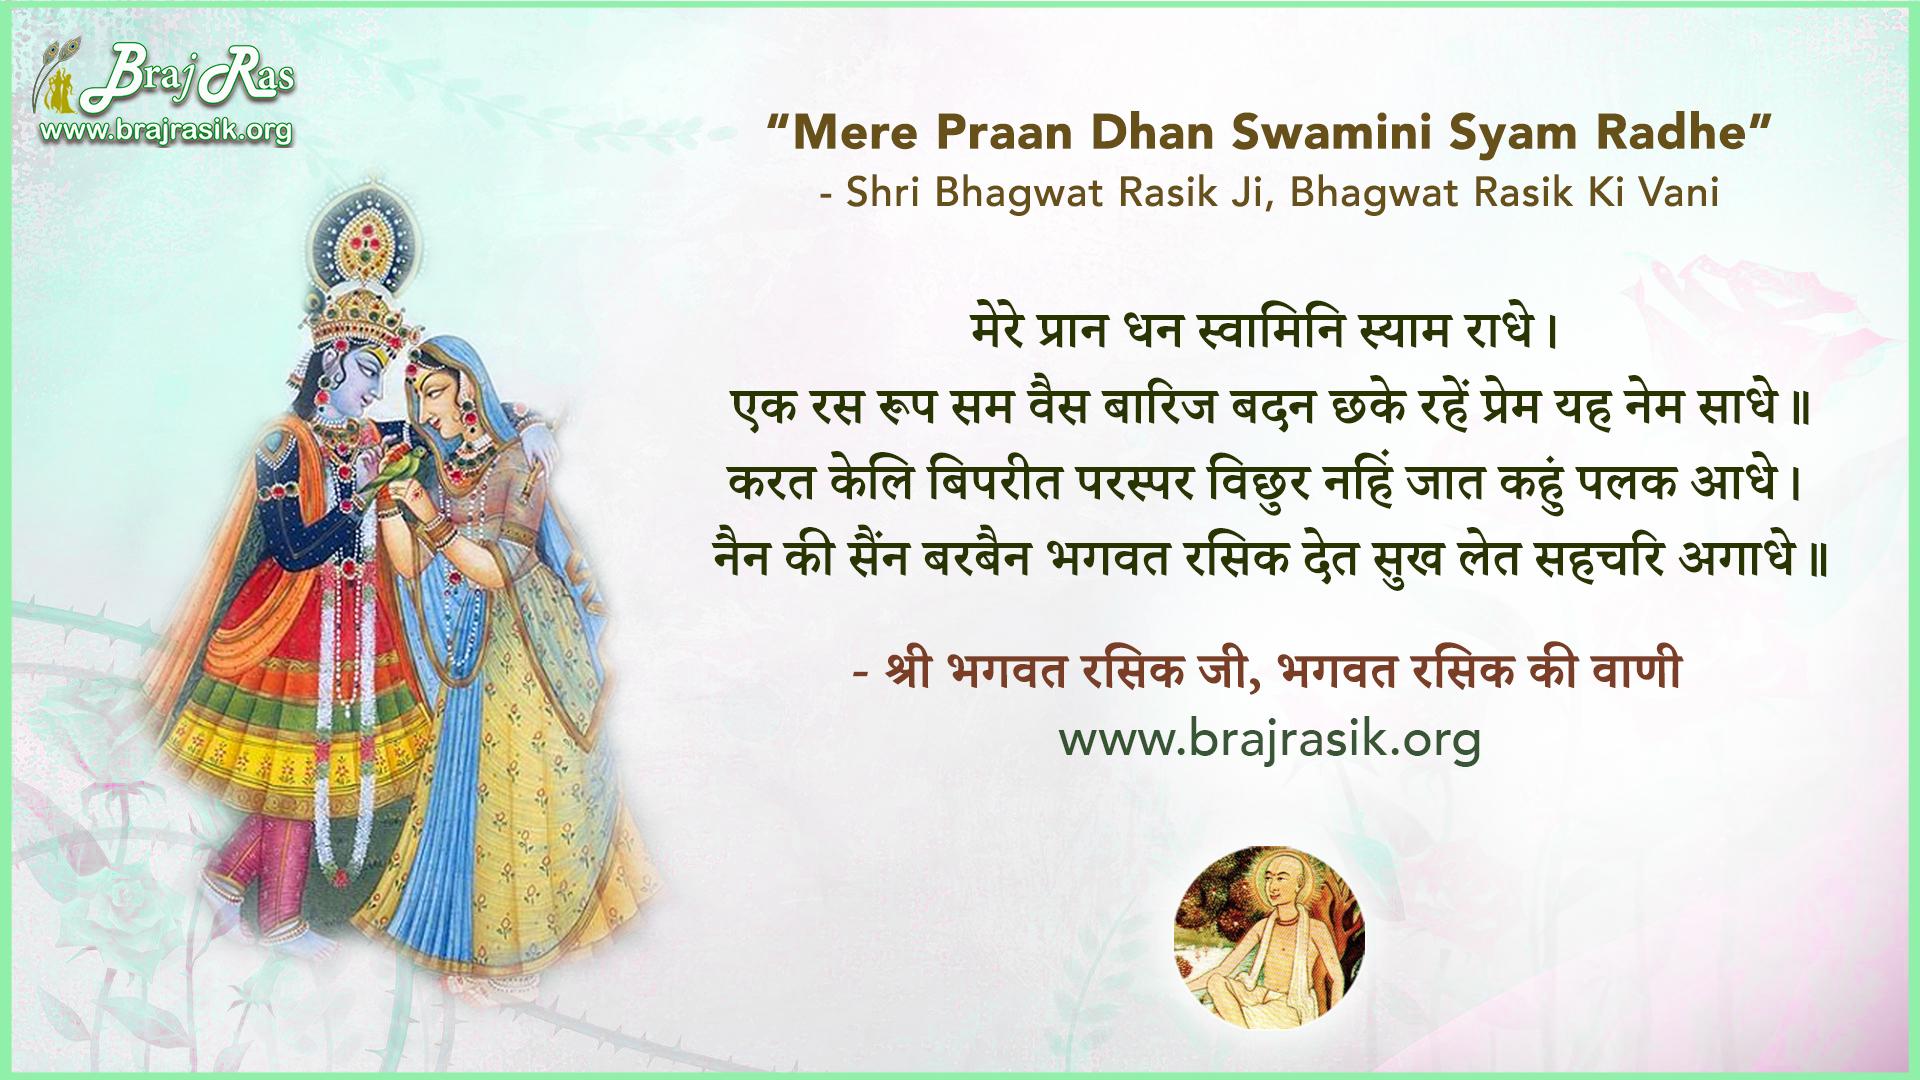 Mere Praan Dhan Swamini Syam Radhe - Shri Bhagwat Rasik Ji, Bhagwat Rasik Ki Vani